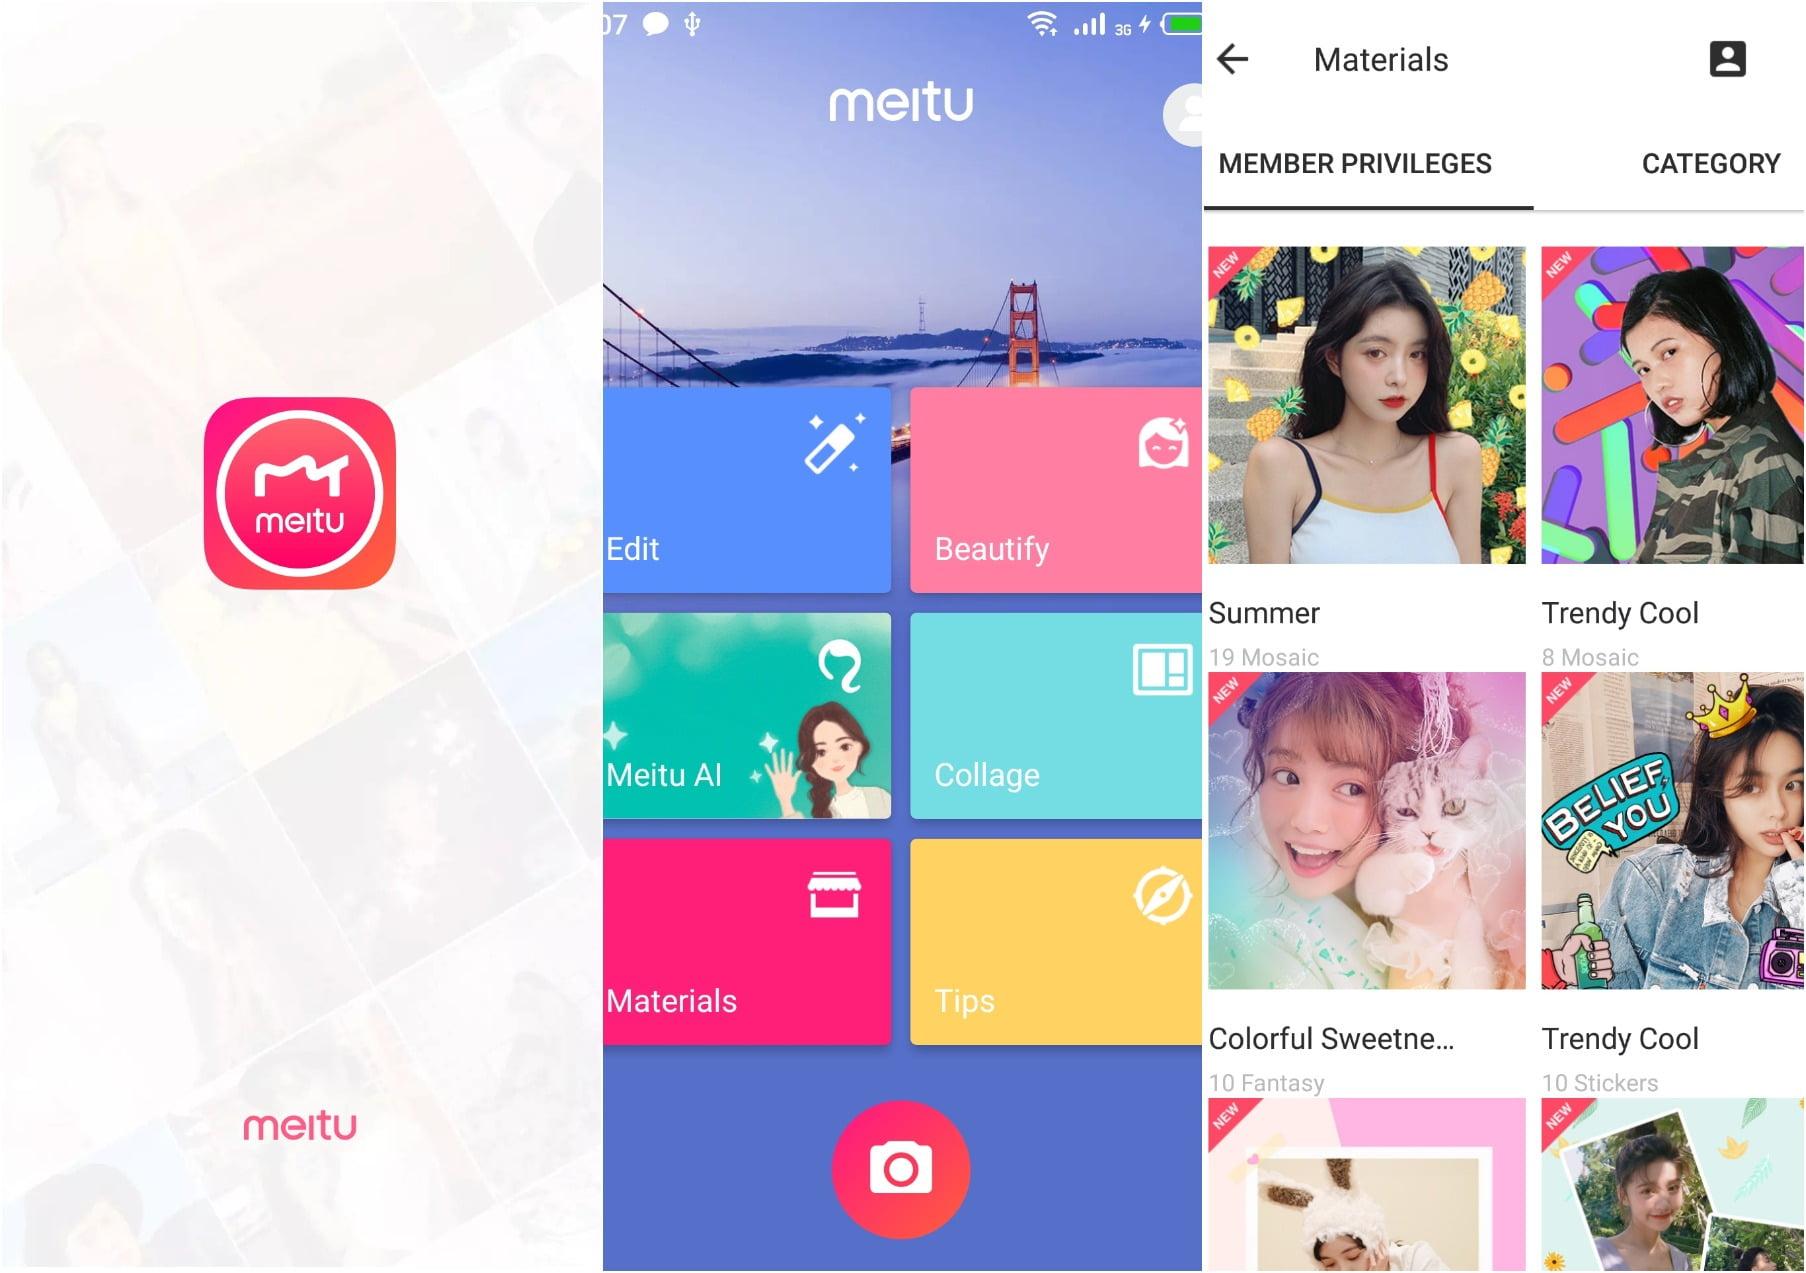 На фото приложение Meitu